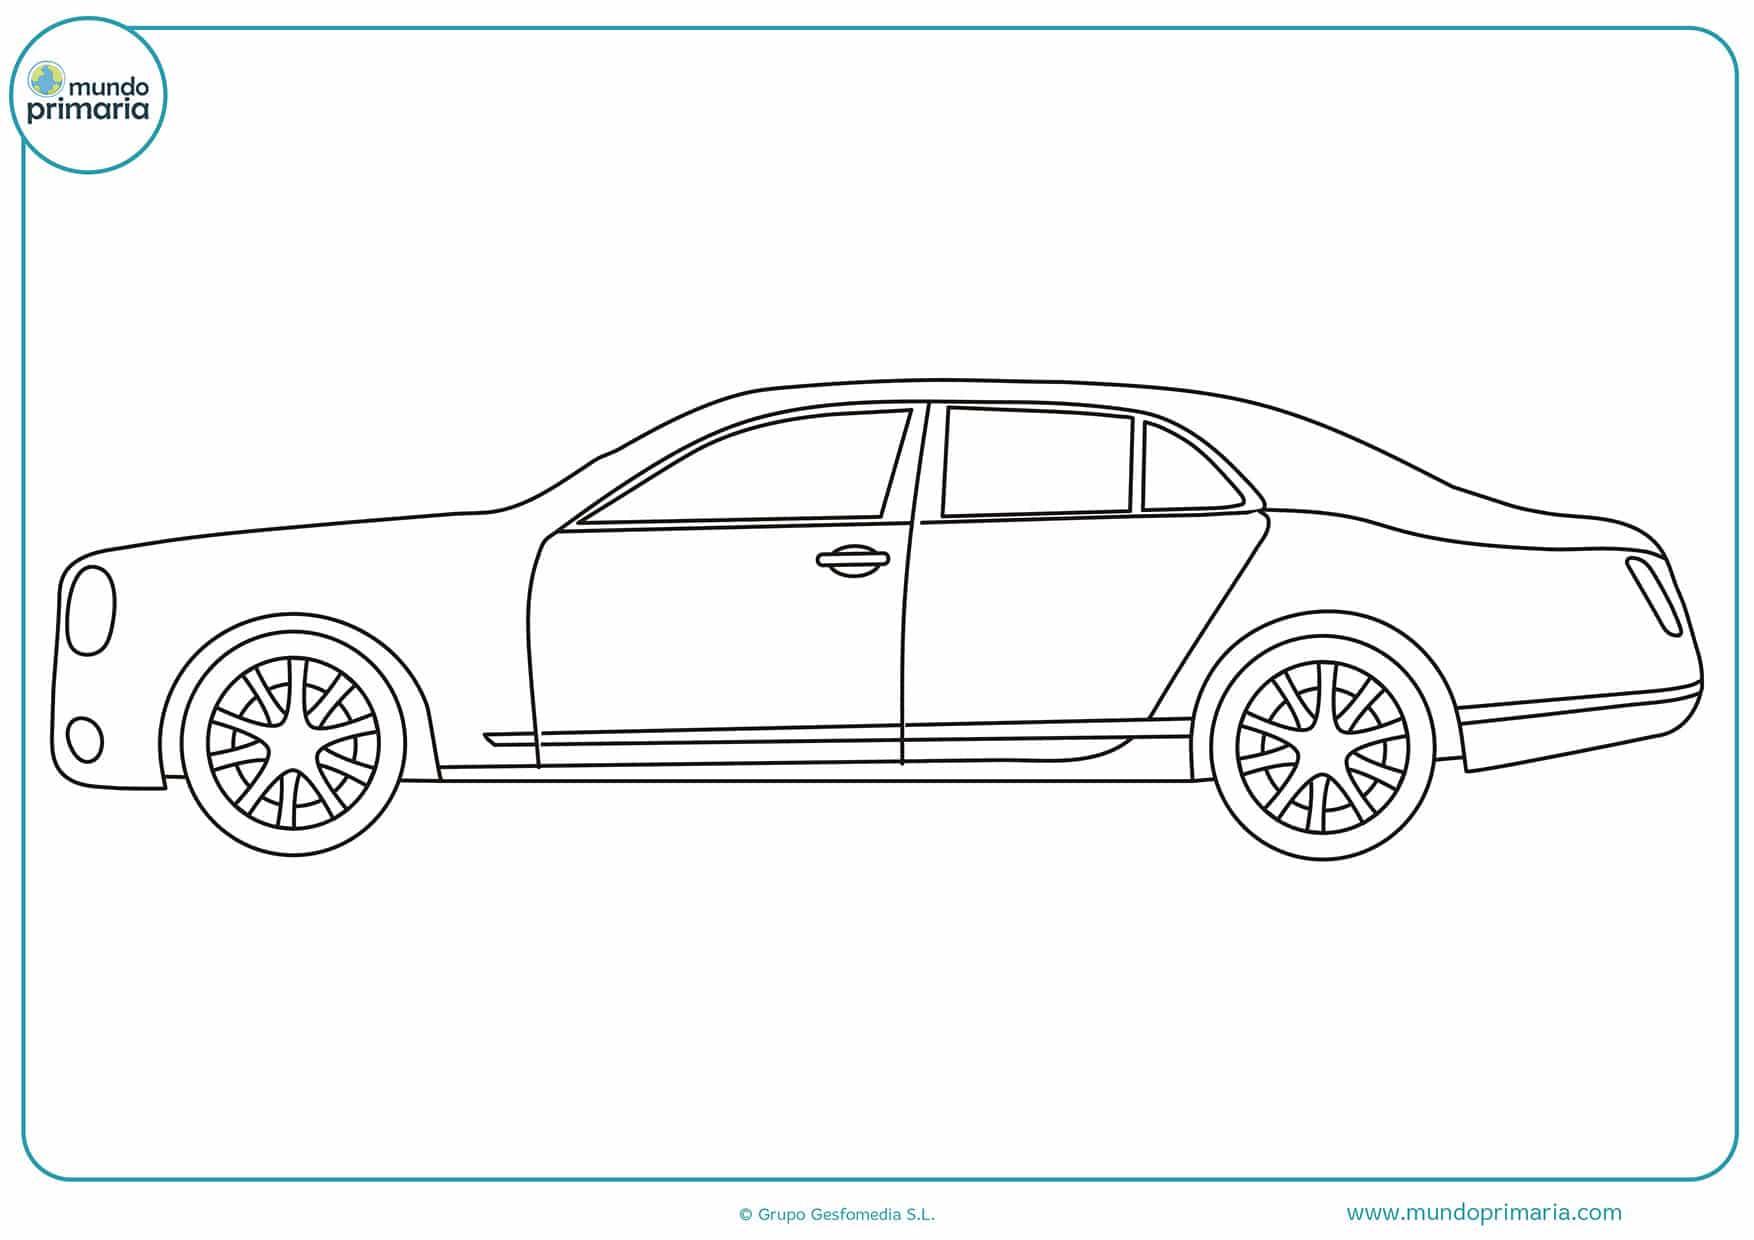 Dibujo De Autos Tuning Para Colorear En Tu Tiempo Libre Dibujos 5: Dibujos De Autos Fciles Dibujos De Coches Para Colorear